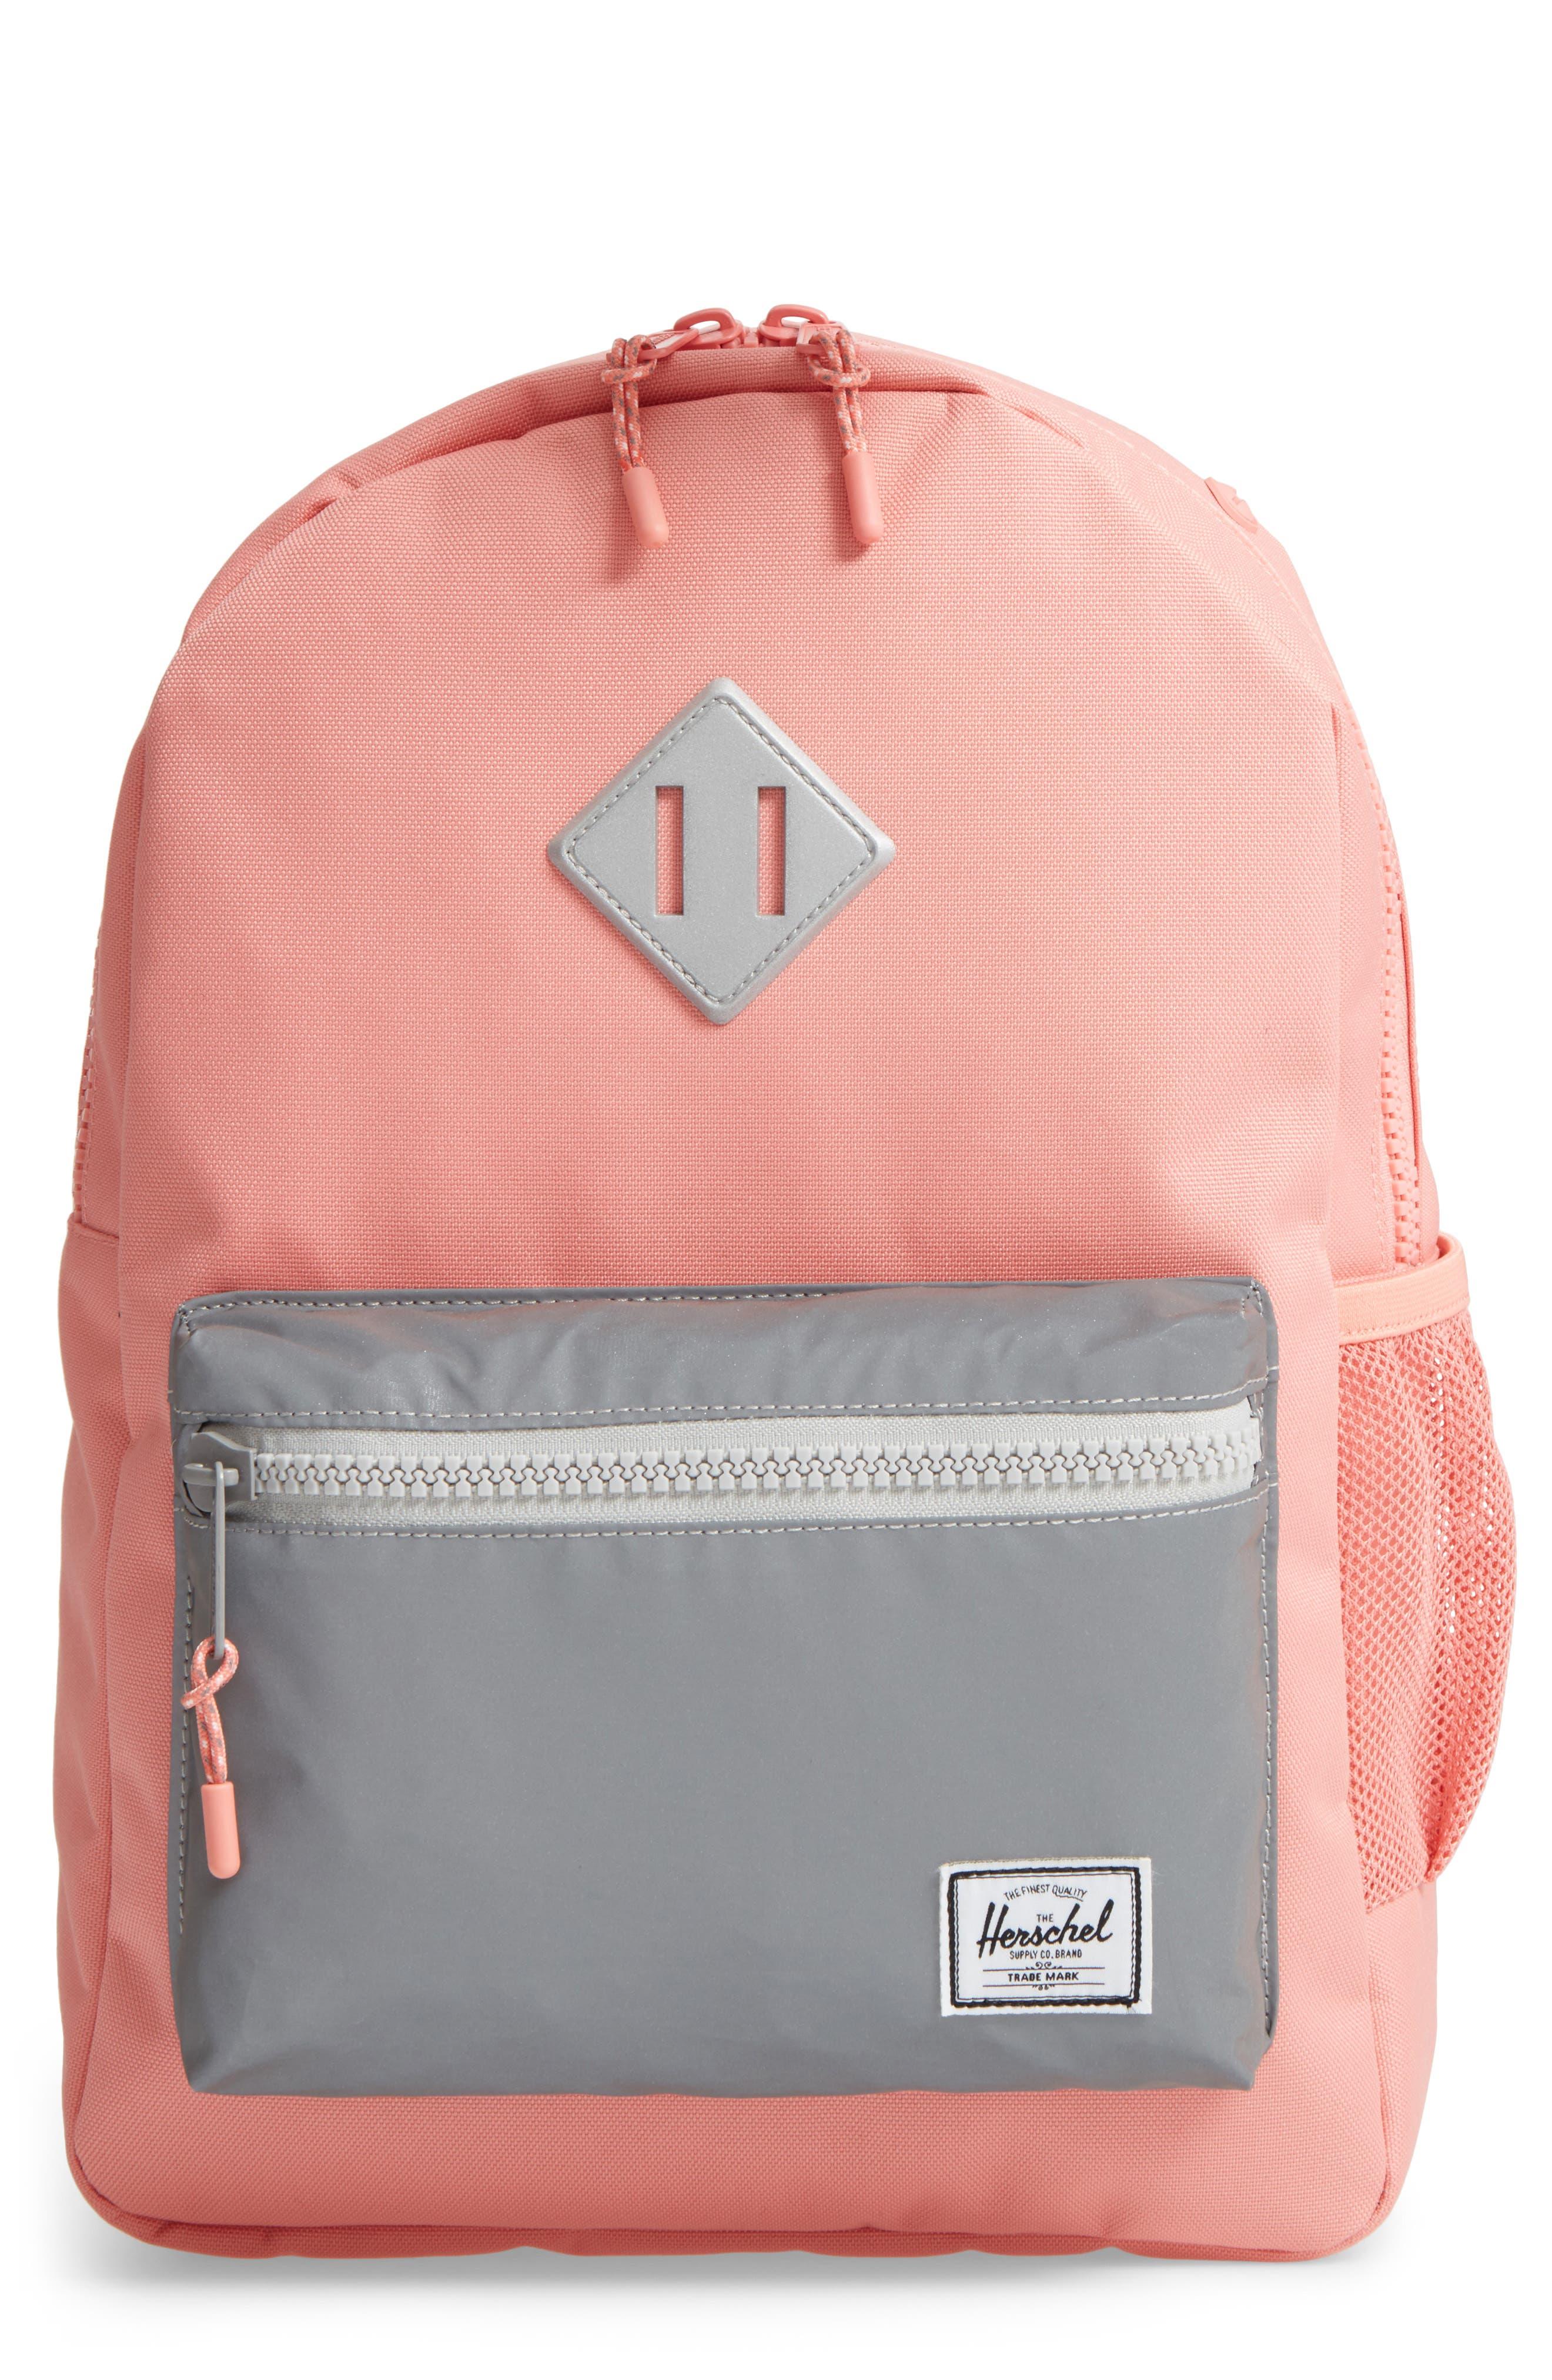 Herschel Supply Co. Heritage Backpack (Kids)